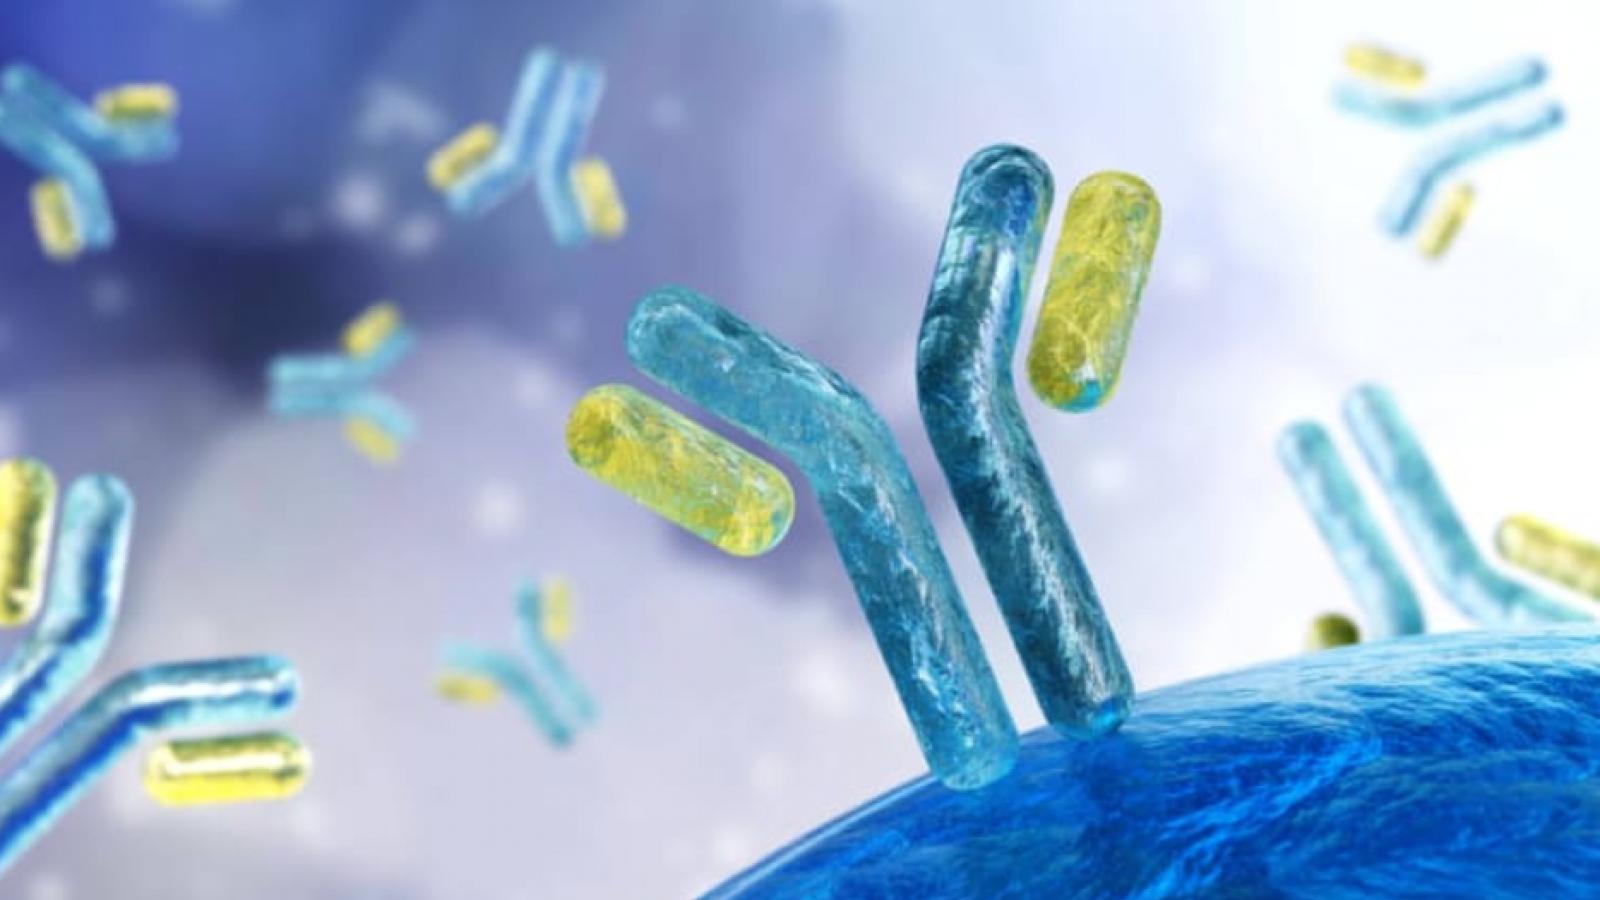 Phát triển kháng thể kép có khả năng chống lại đột biến virus SARS-CoV-2